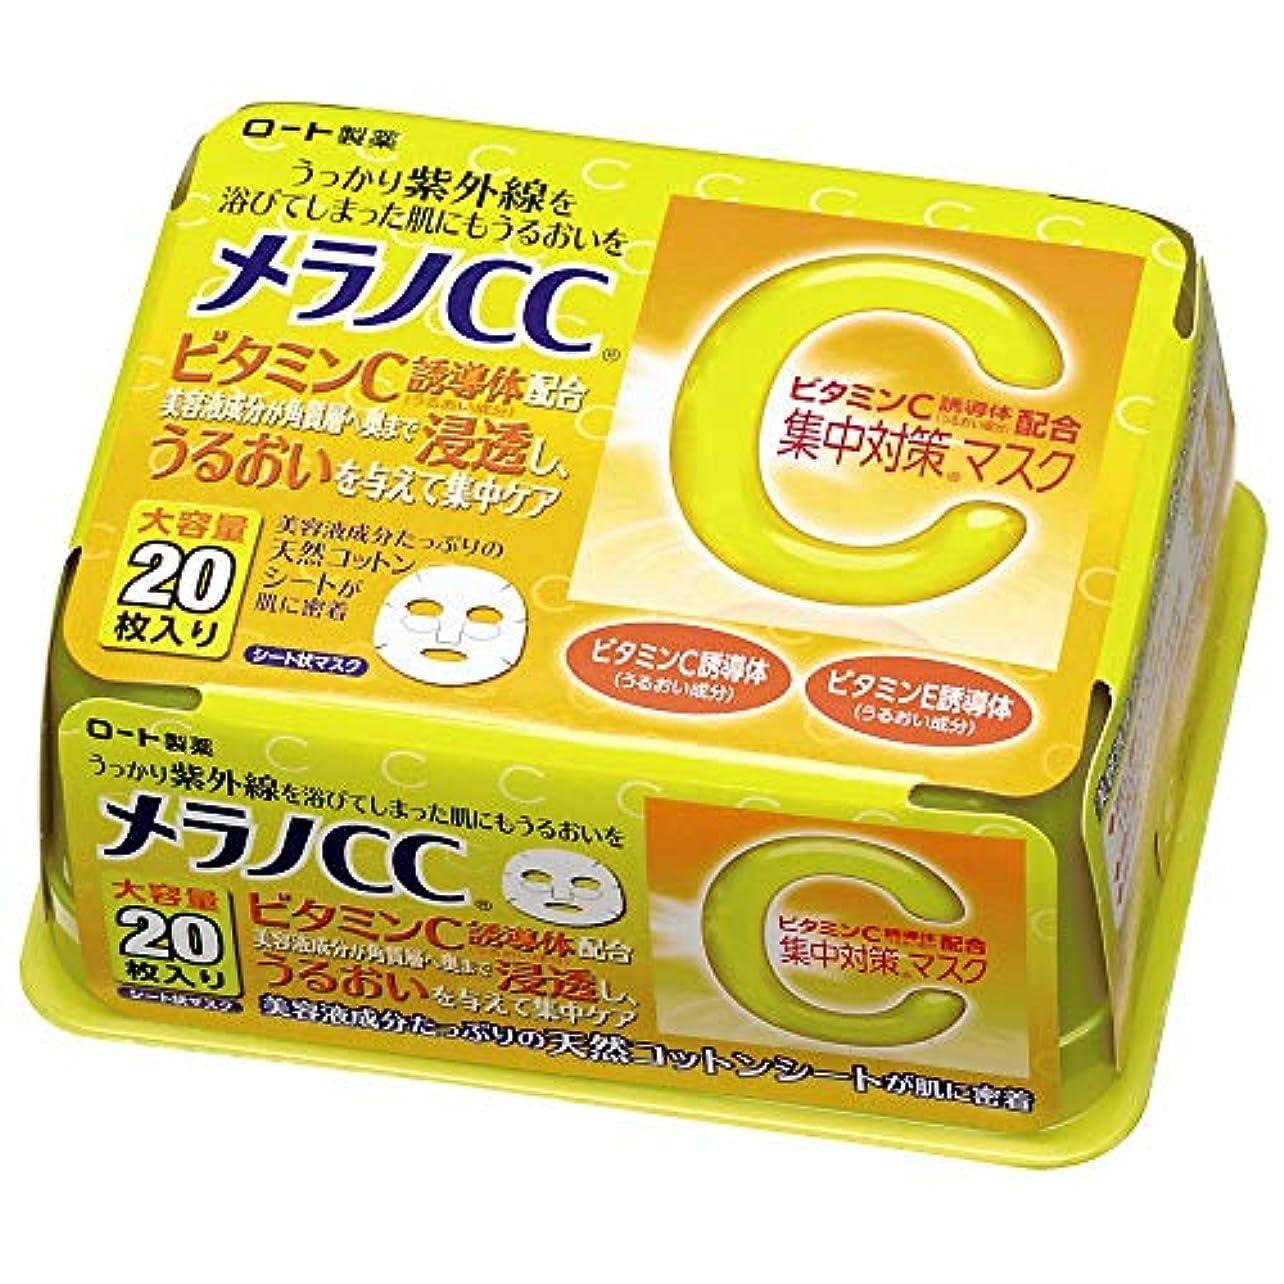 祈る土曜日担保メラノCC ビタミンC配合 紫外線集中対策浸透 マスク 20枚 195mL